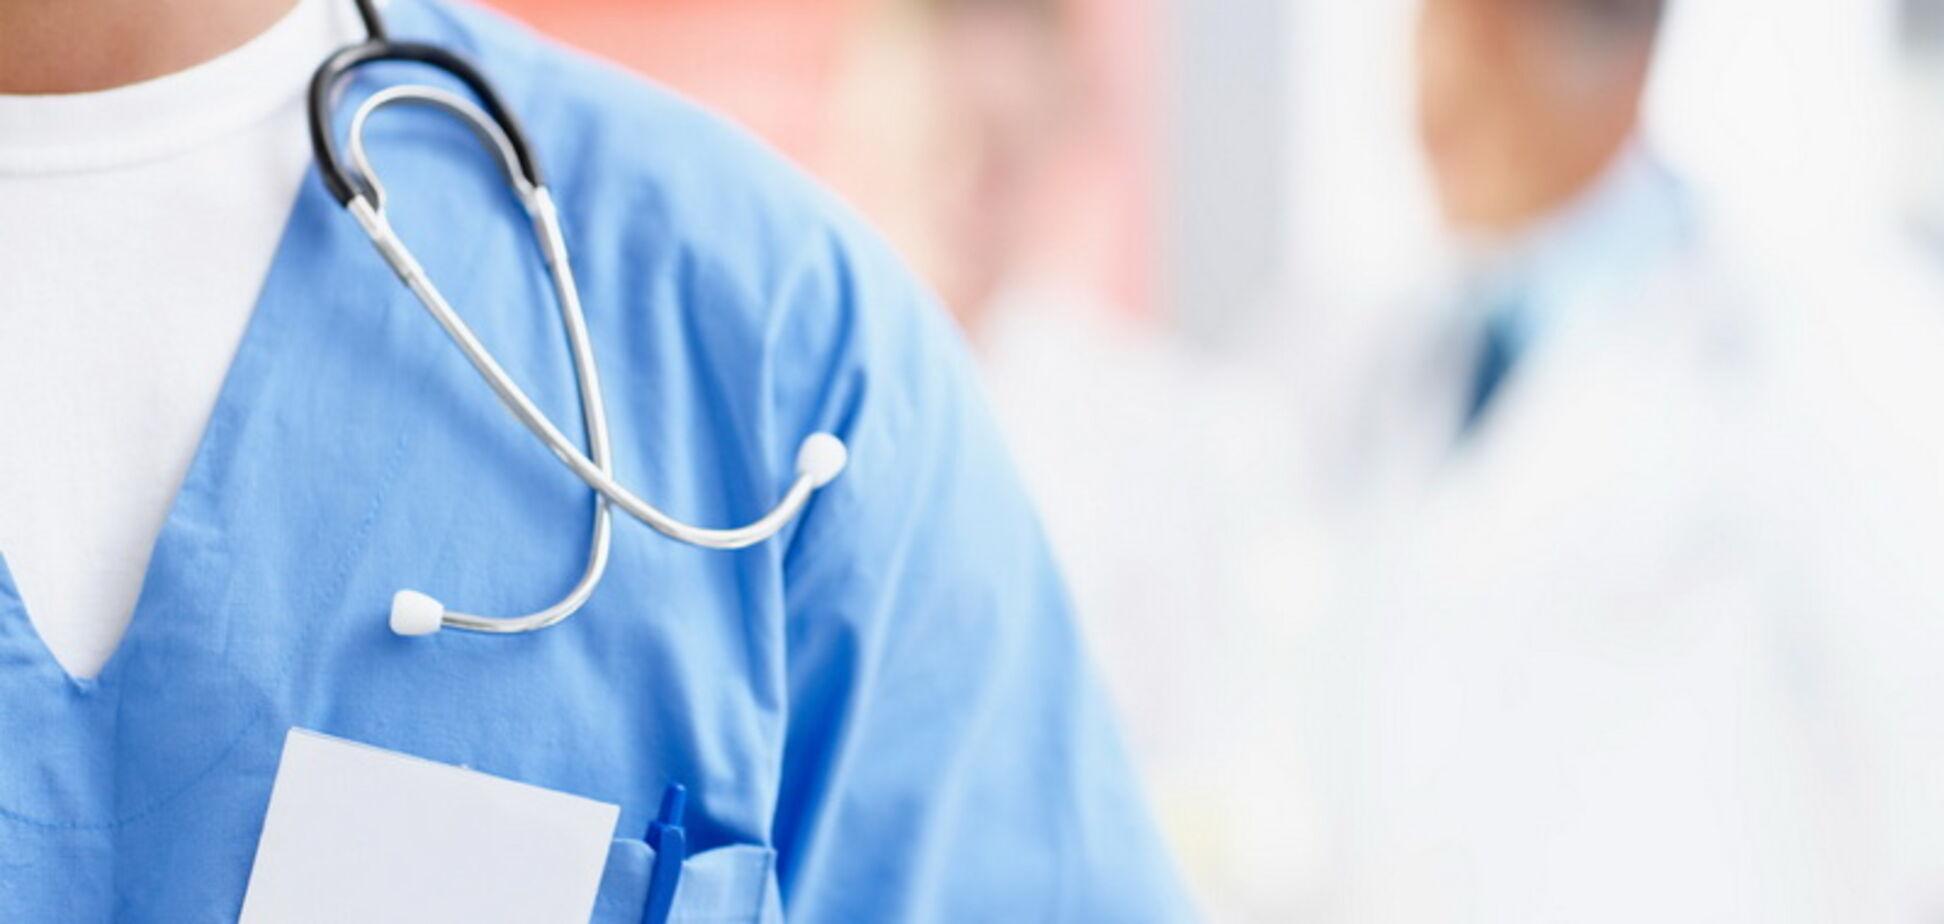 Троє дітей і 5000 грн зарплати: як працює доброчесний лікар